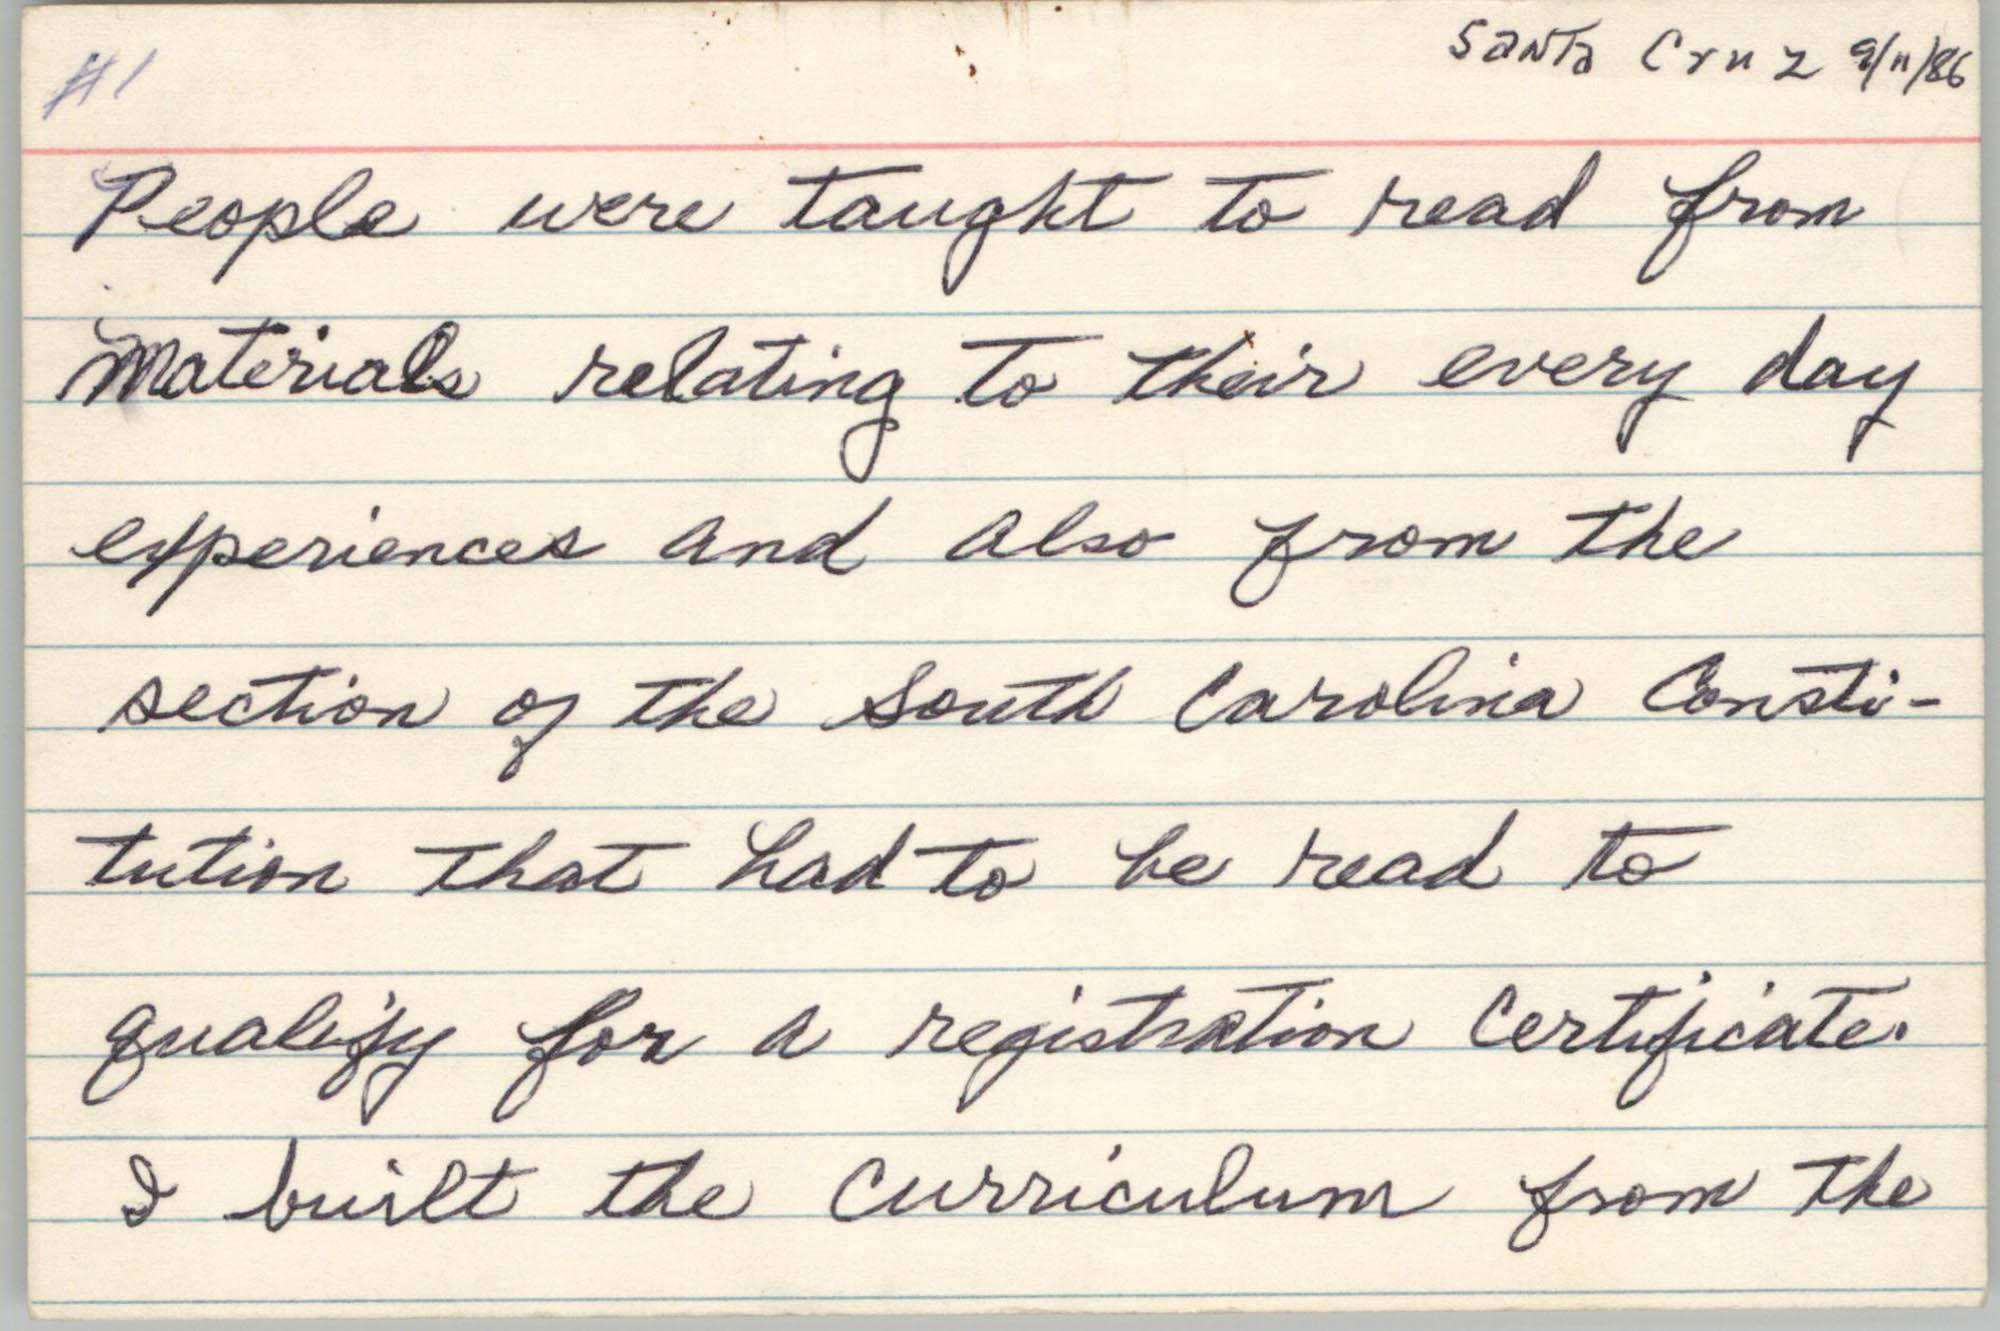 Speech Notecards, September 11, 1986